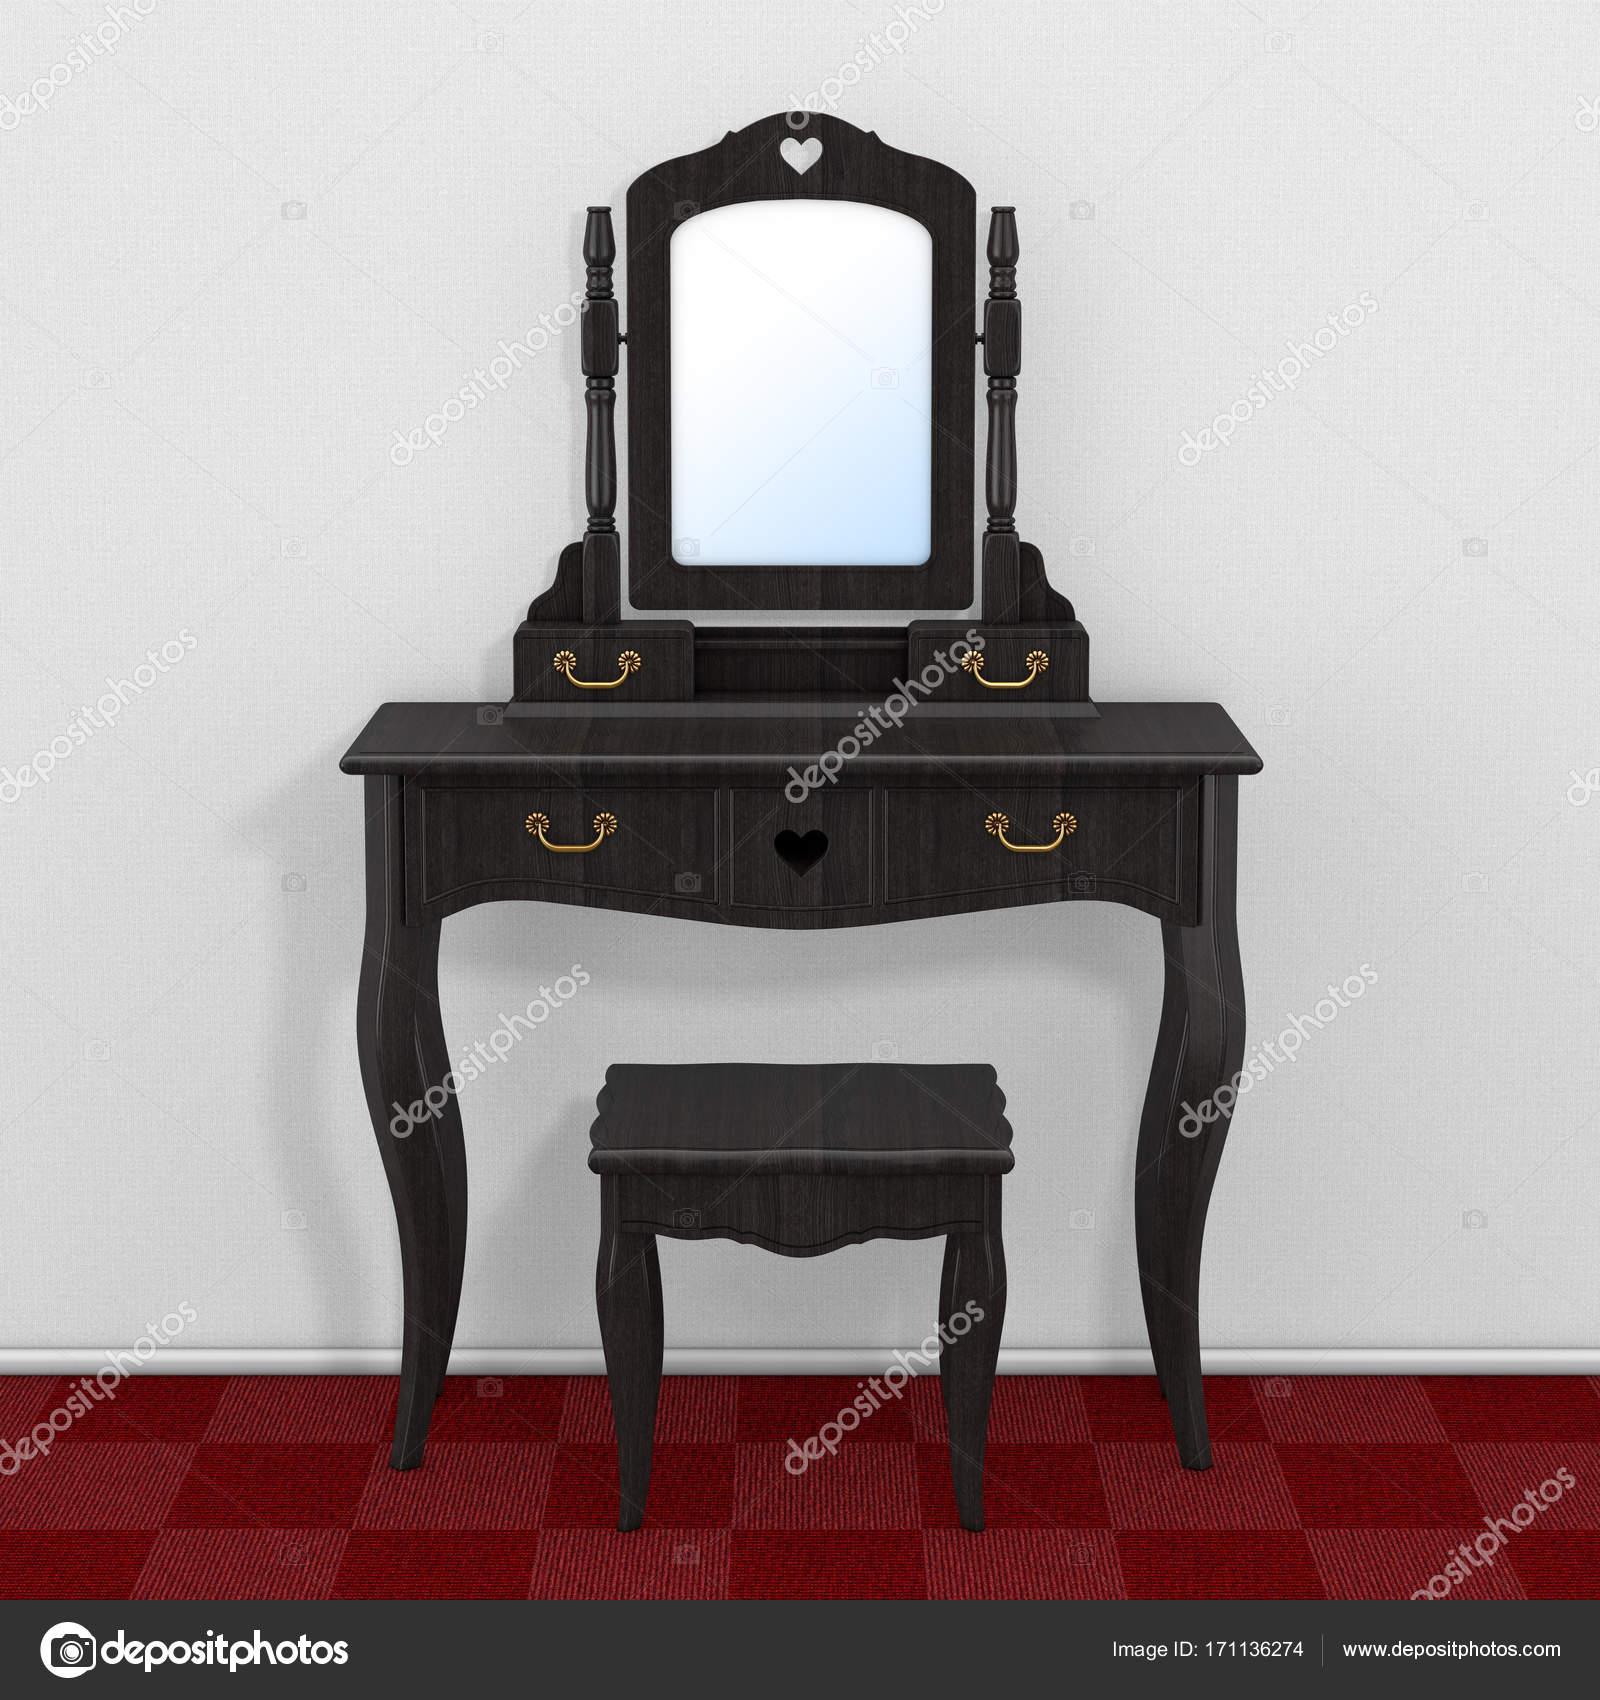 Chambre coucher antique coiffeuse avec tabouret et miroir dans la chambre avec photographie - Miroir dans la chambre ...